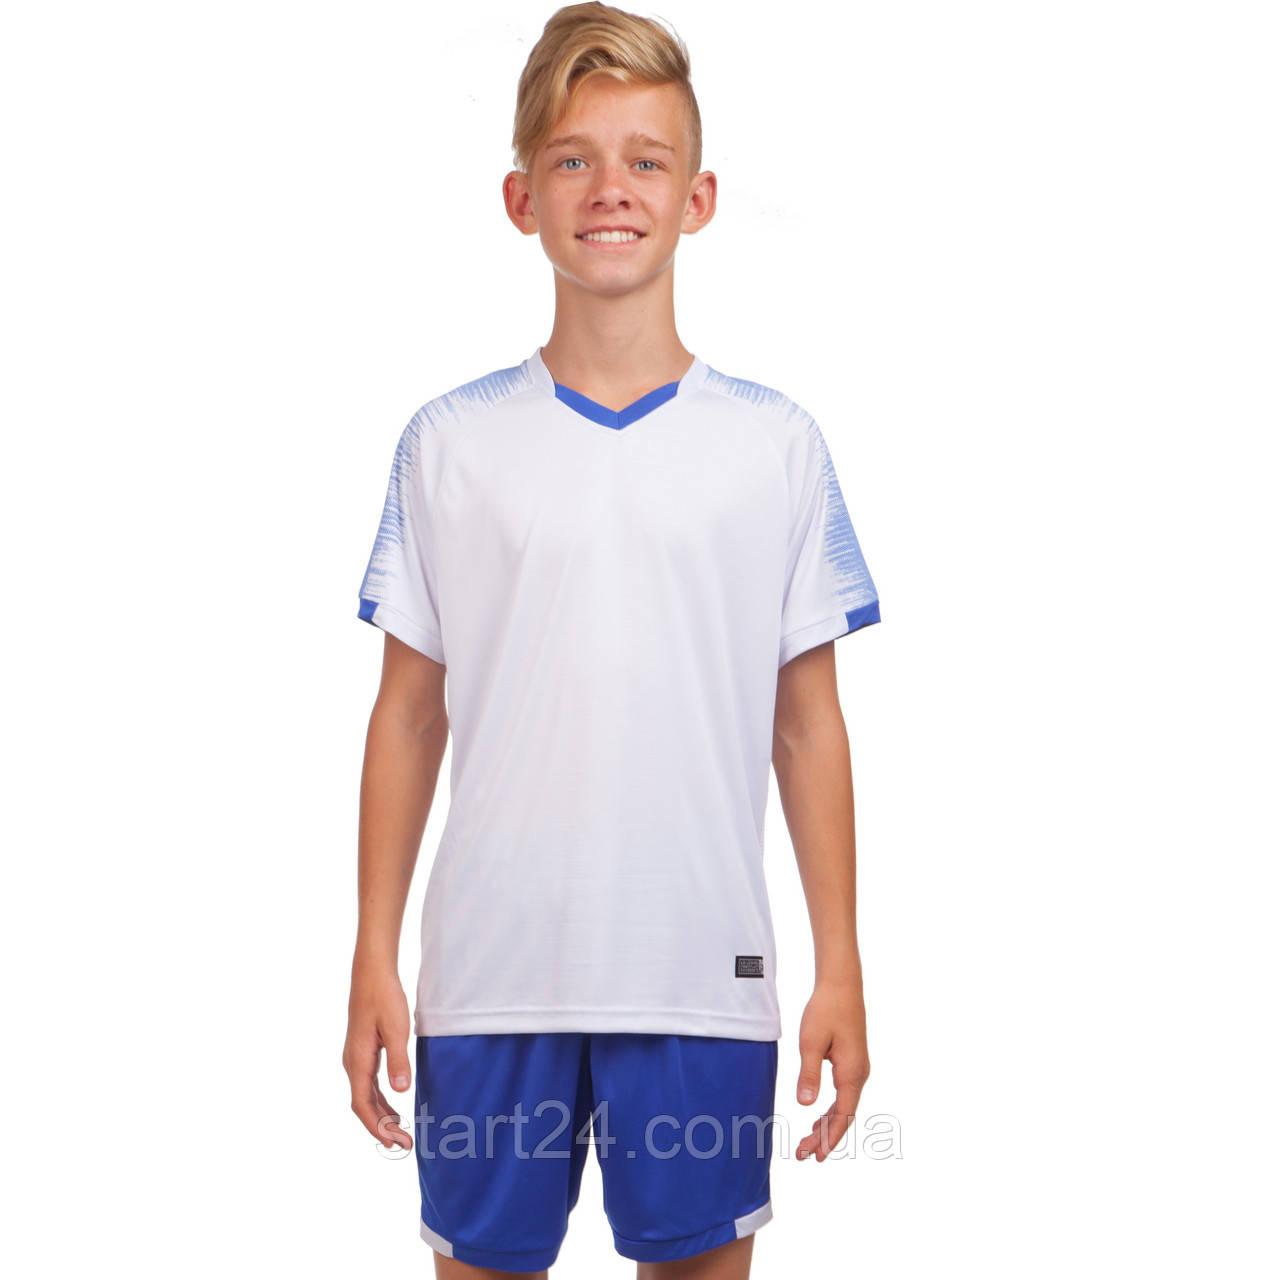 Футбольная форма подростковая LD-5023T-2 (PL, р-р 26-32, рост 125-155, белый-синий)